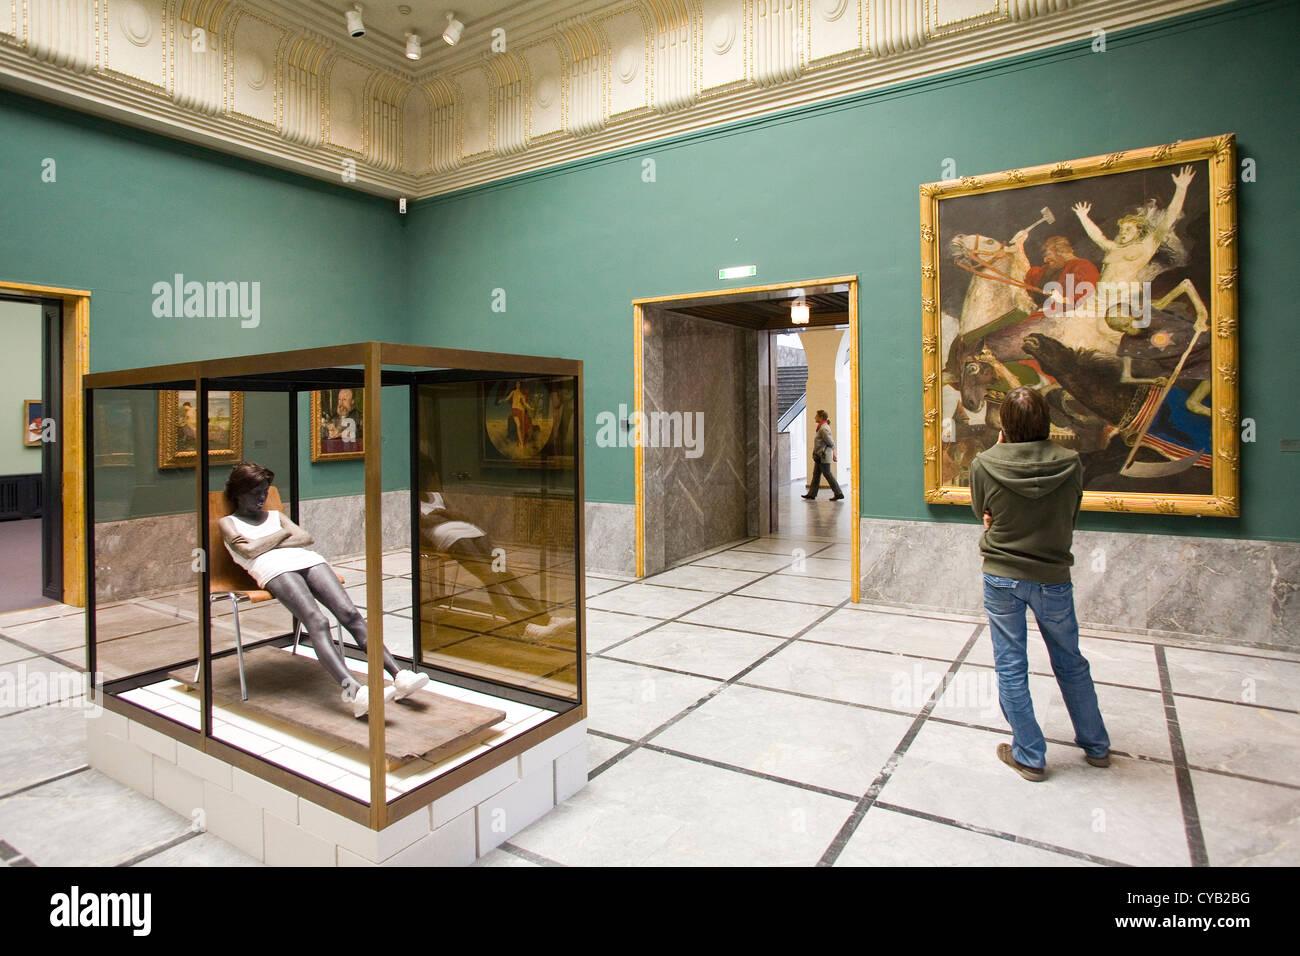 L'Europa, la Svizzera, Zurigo, Kunsthaus, museo d'arte, installazione, opera d'arte di andro wekua, Immagini Stock